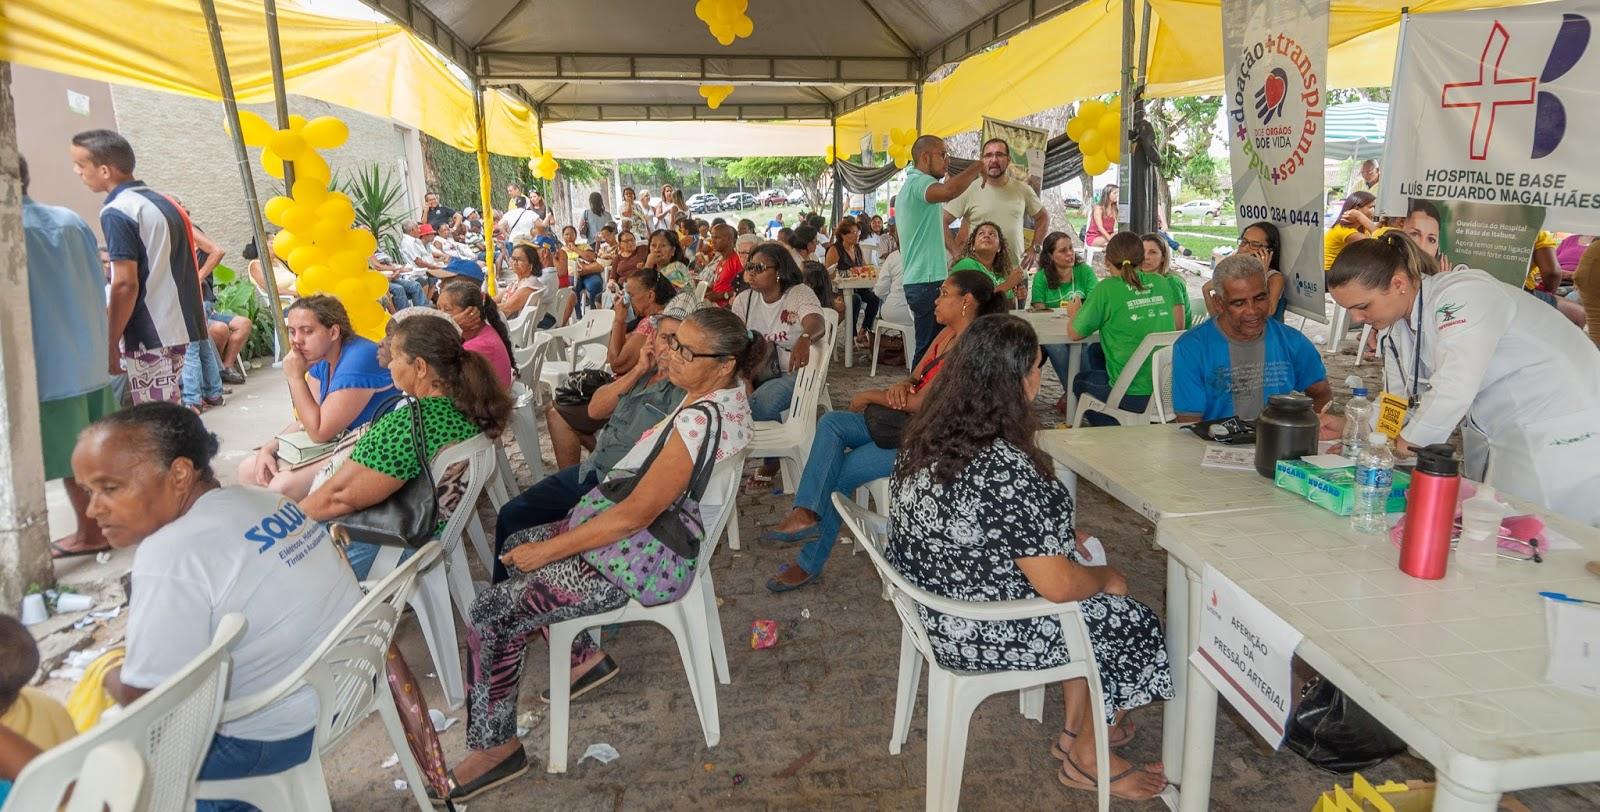 expressaounica sas atende mais de 800 pessoas no mutirão para